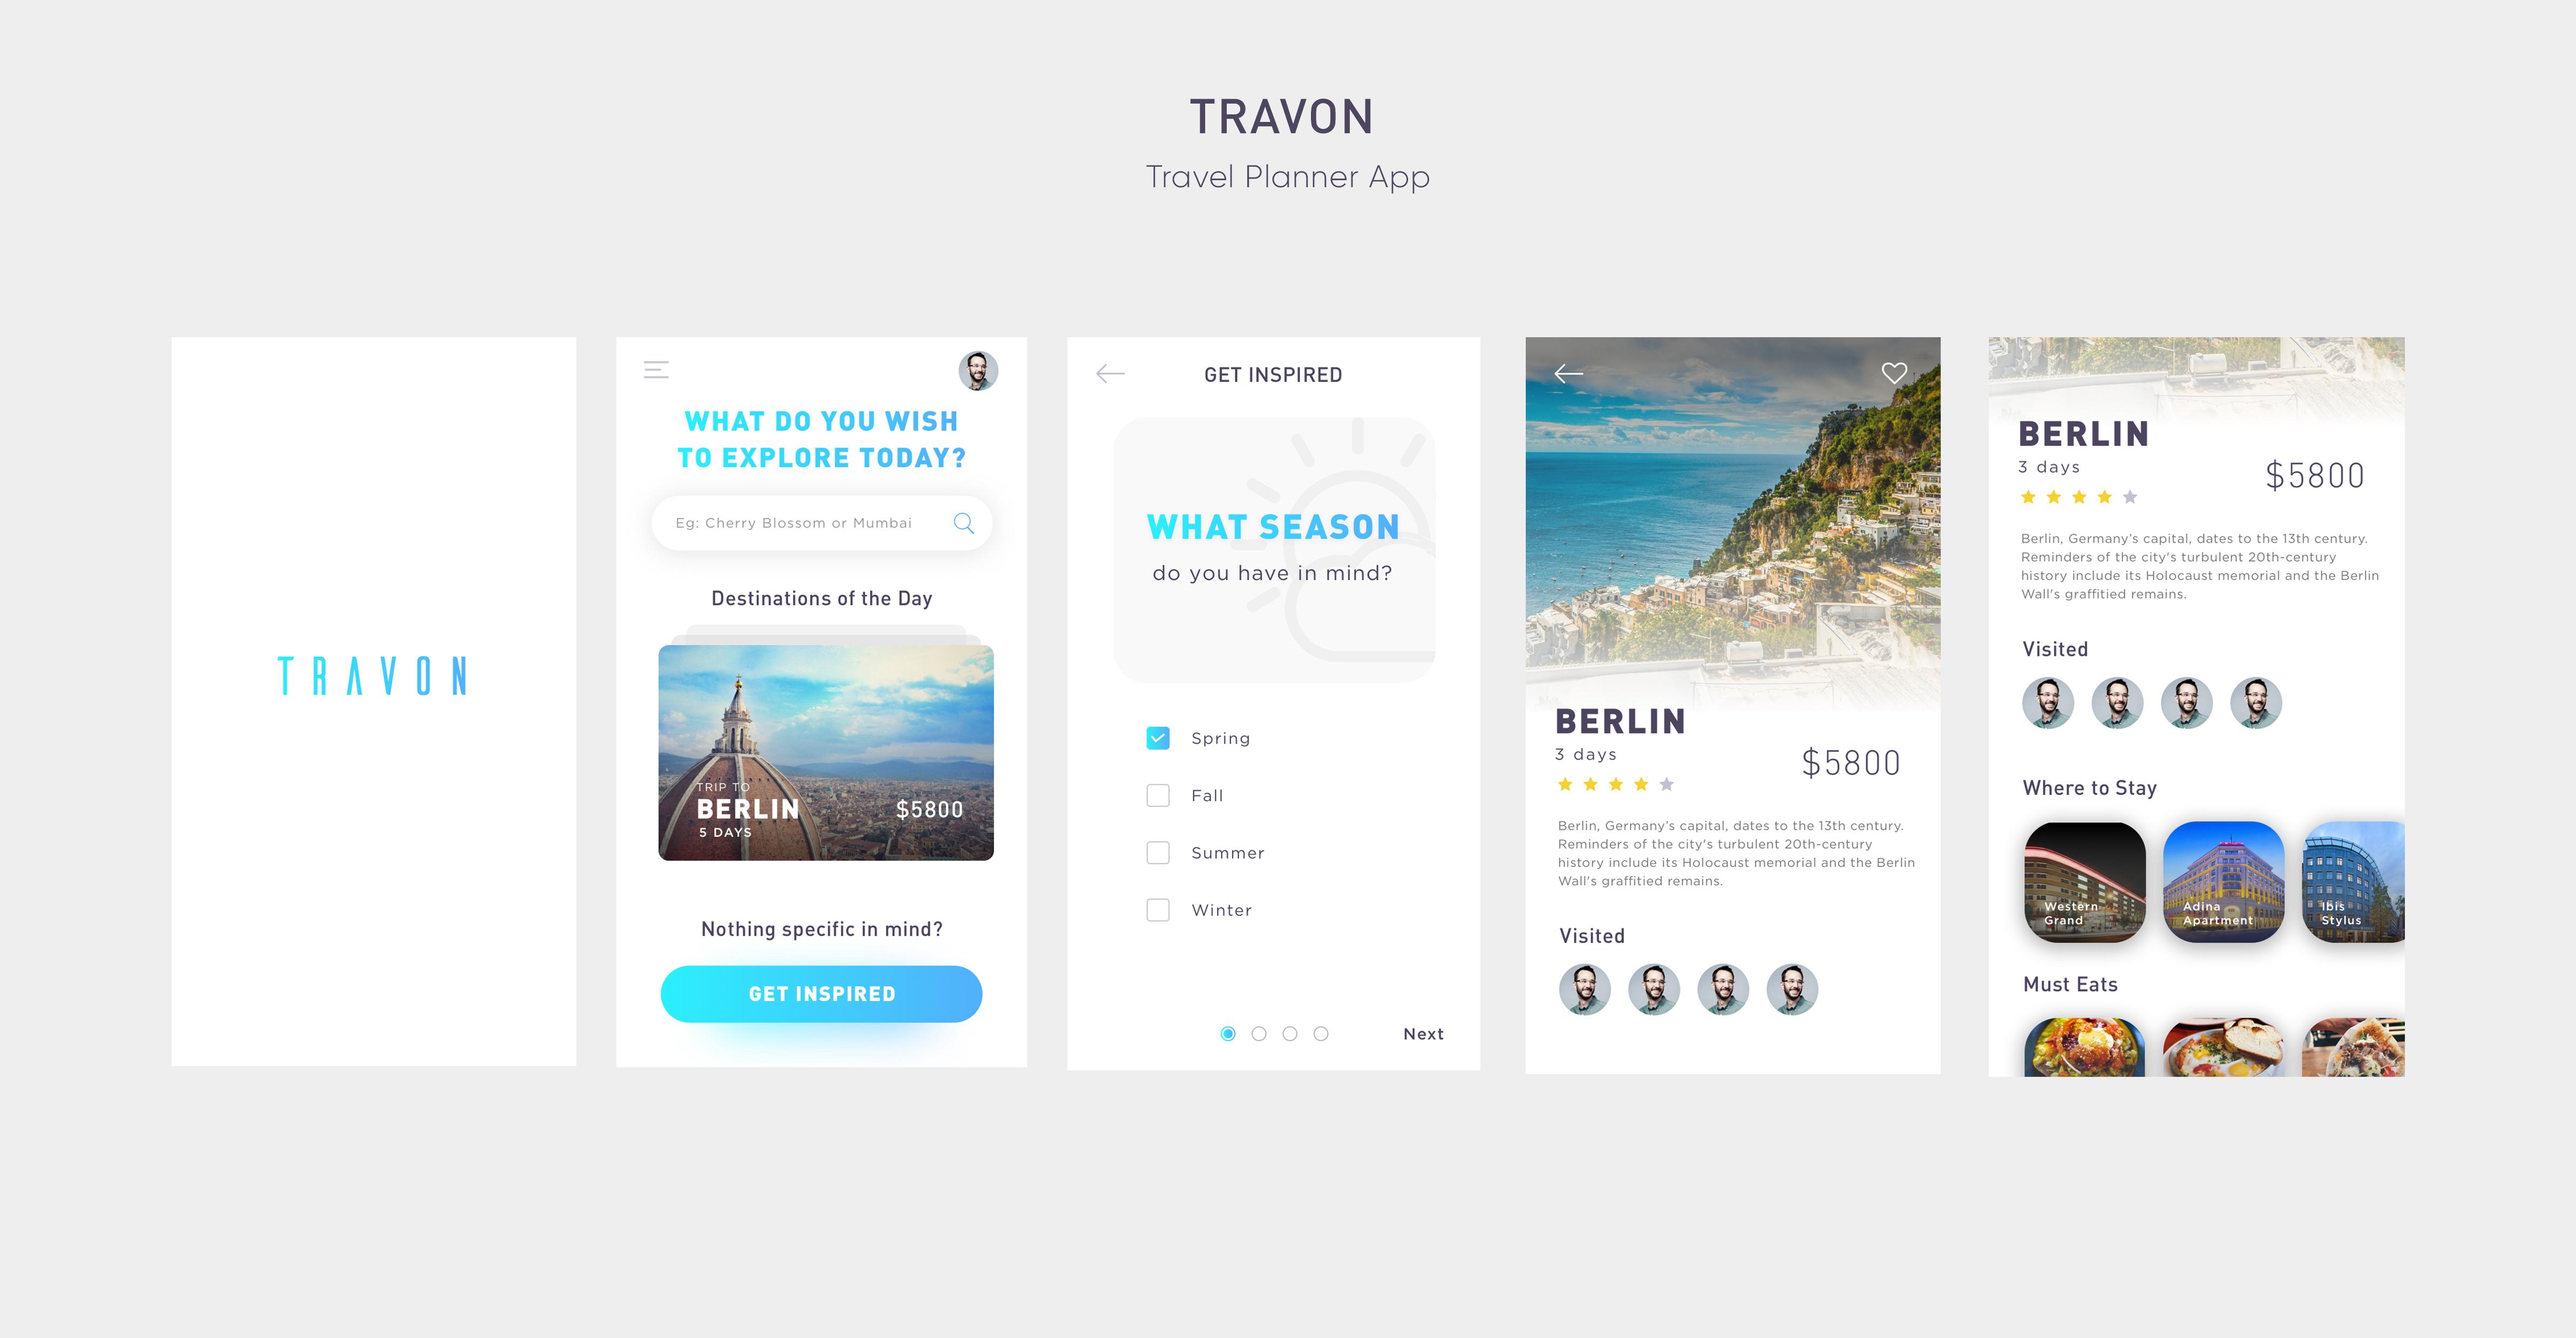 Travon Travel Planner App - UpLabs